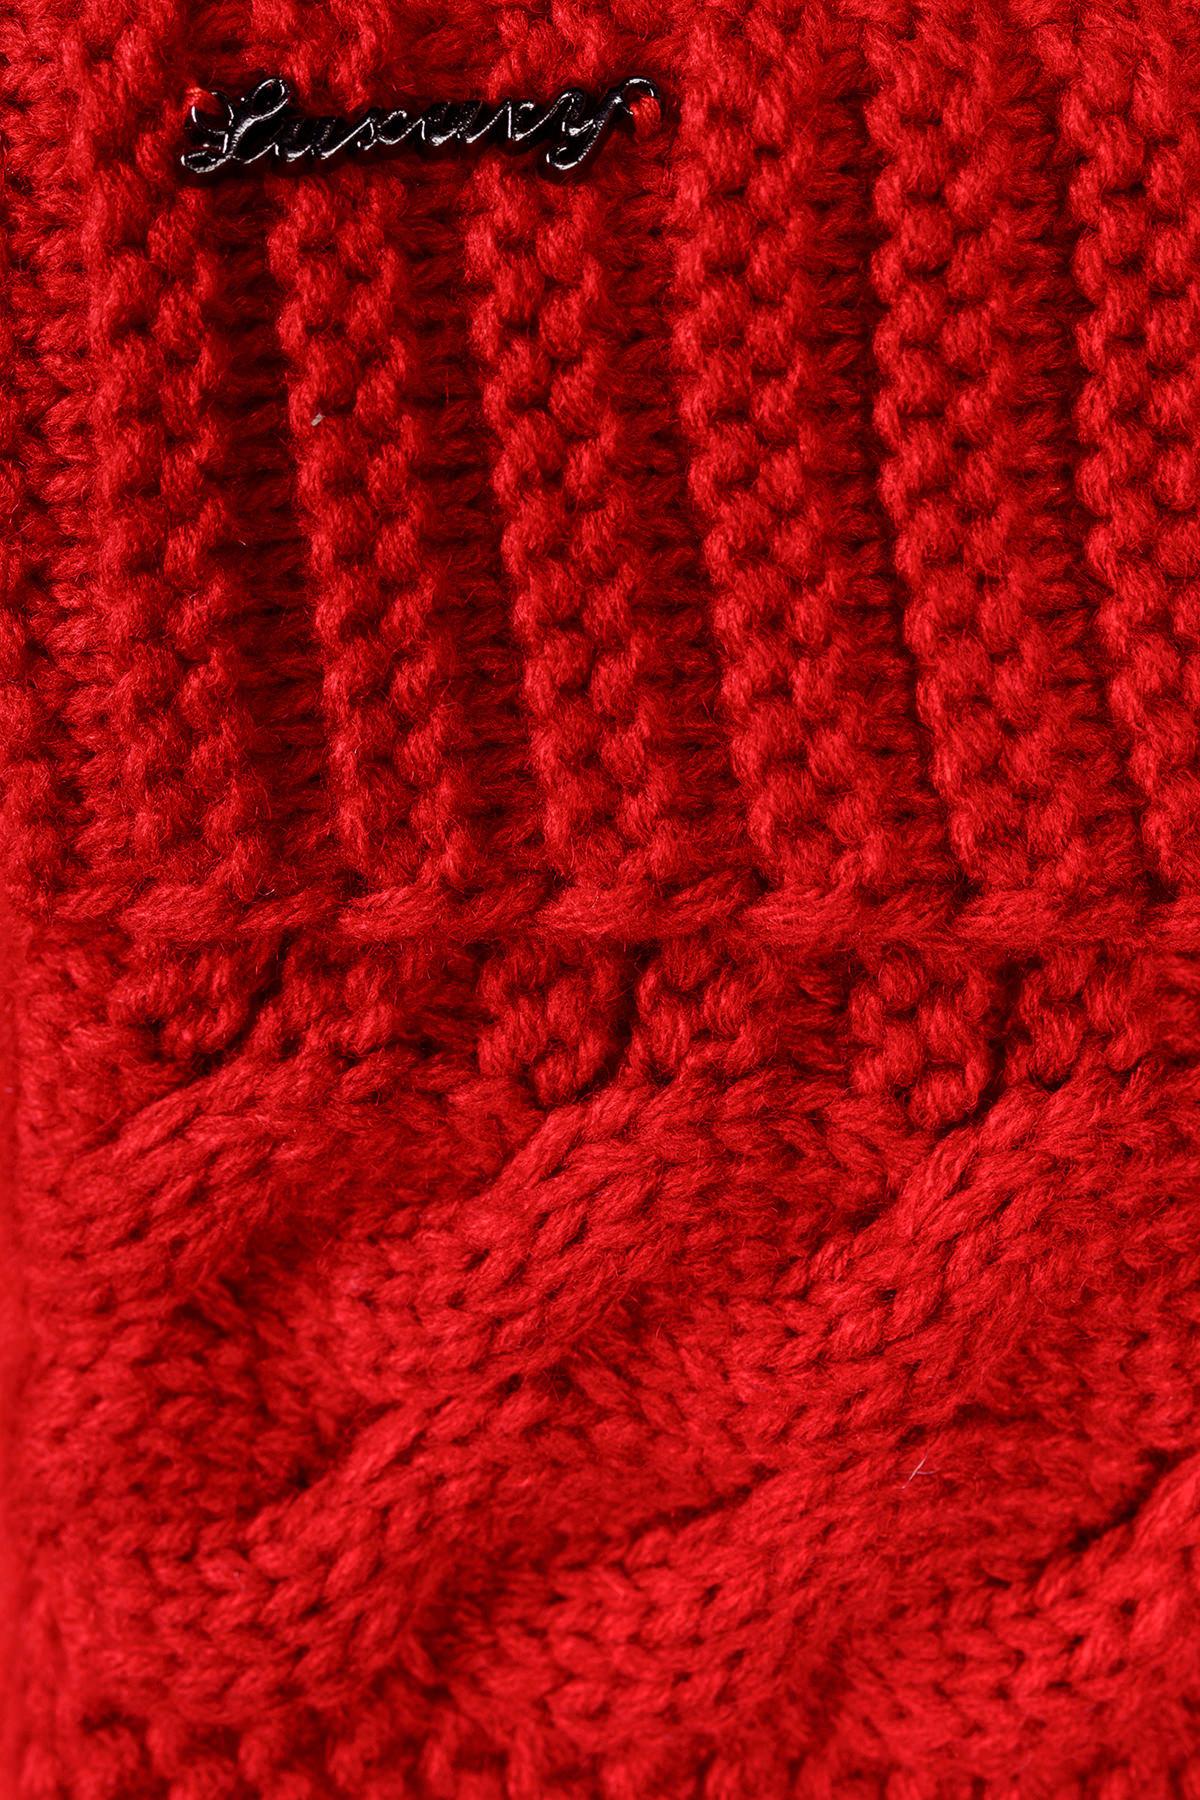 Пальто Джи 1447 АРТ. 9057 Цвет: Красный - фото 4, интернет магазин tm-modus.ru